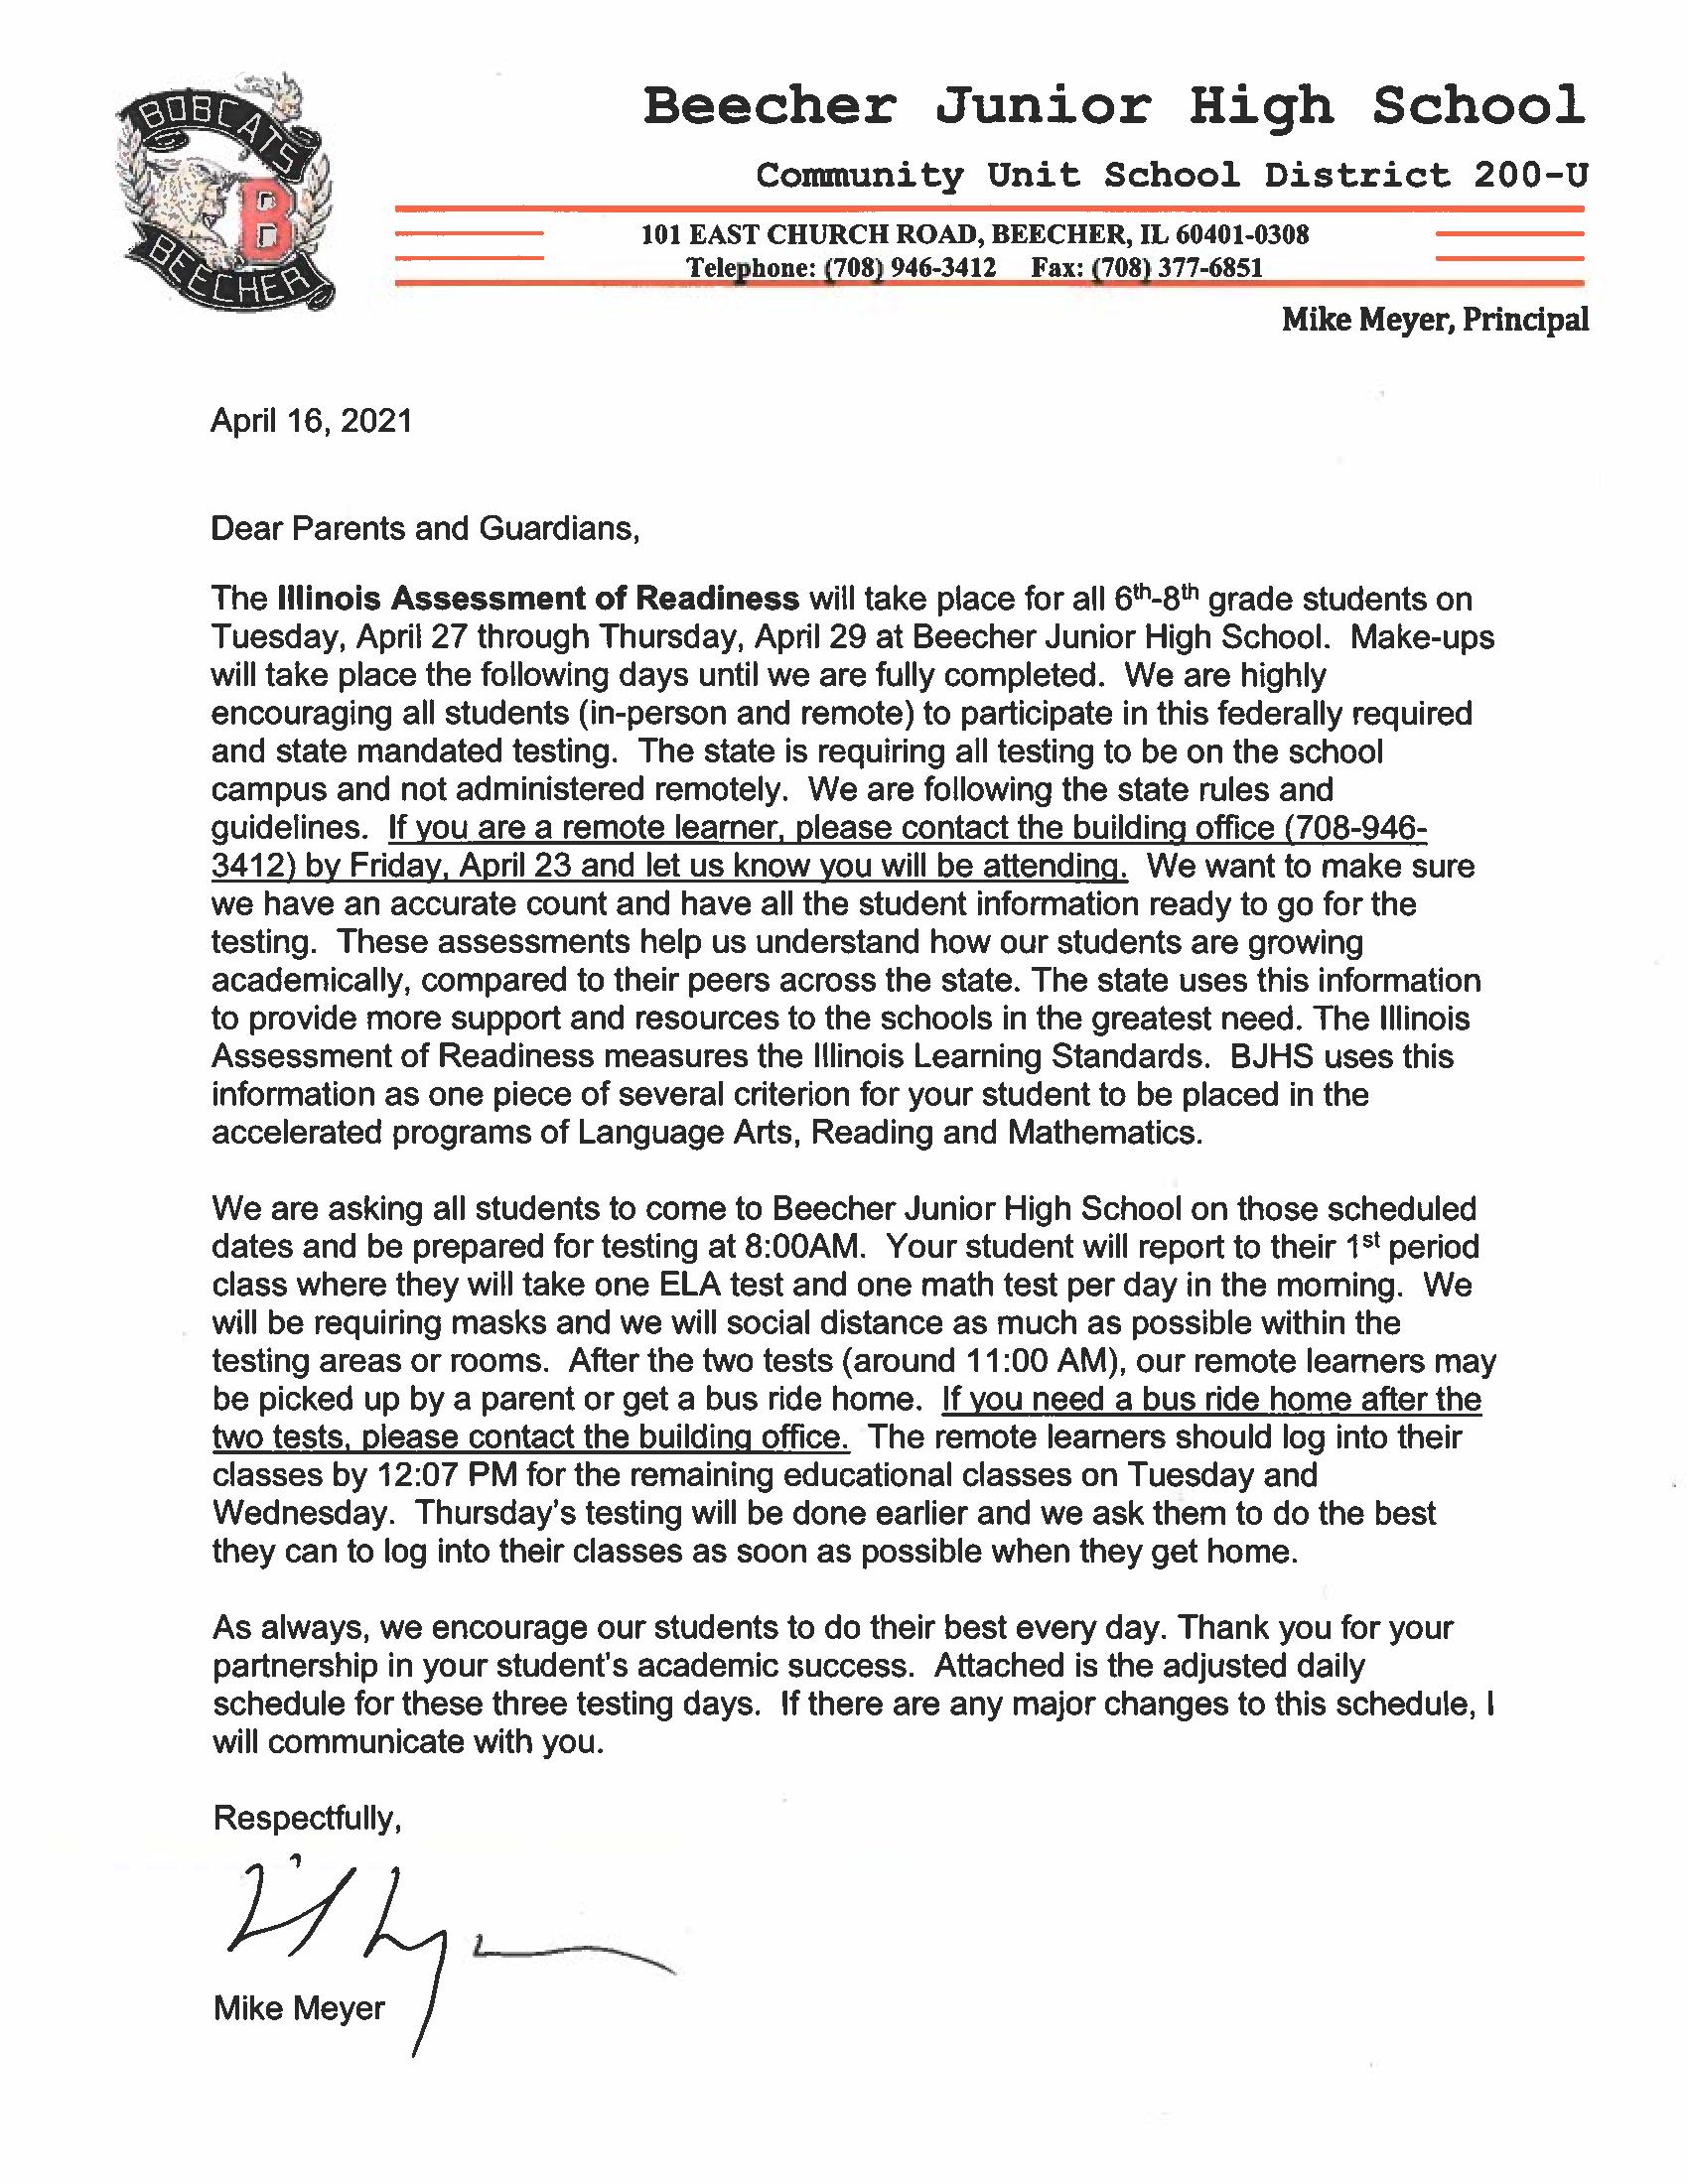 IAR Parent Letter